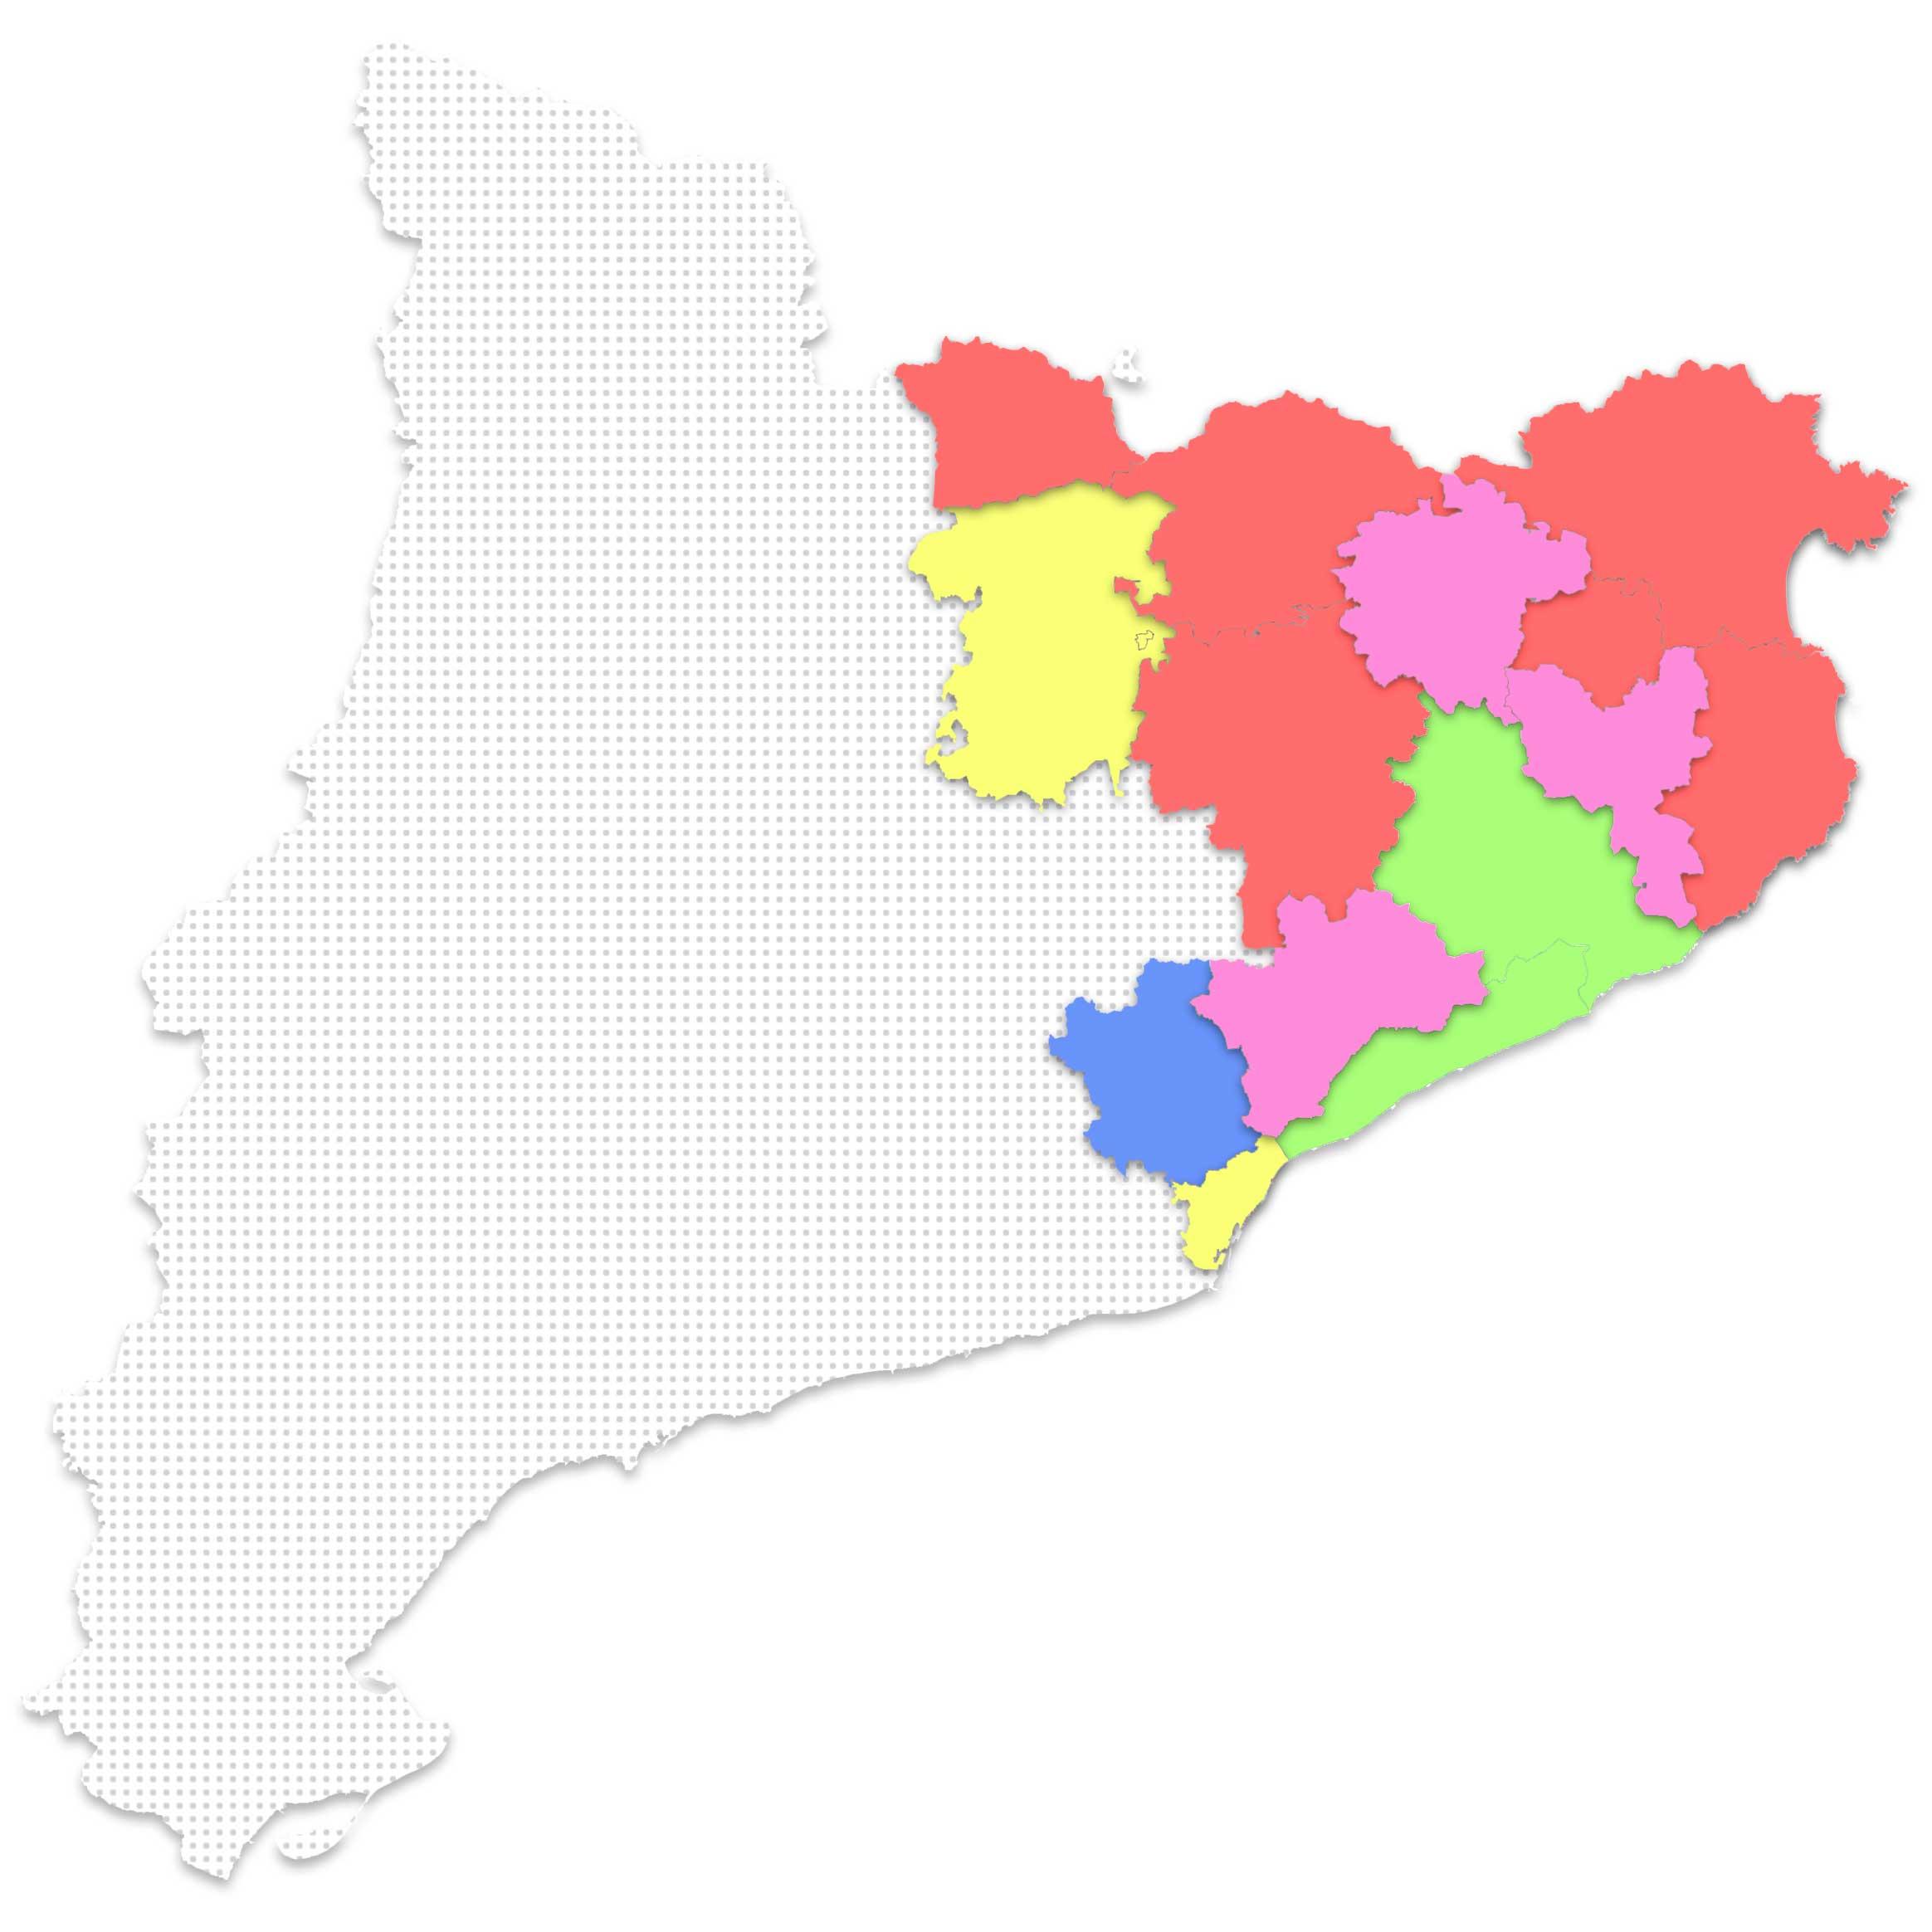 Mapa Catalunya - Zona Comercials Hiper Escola